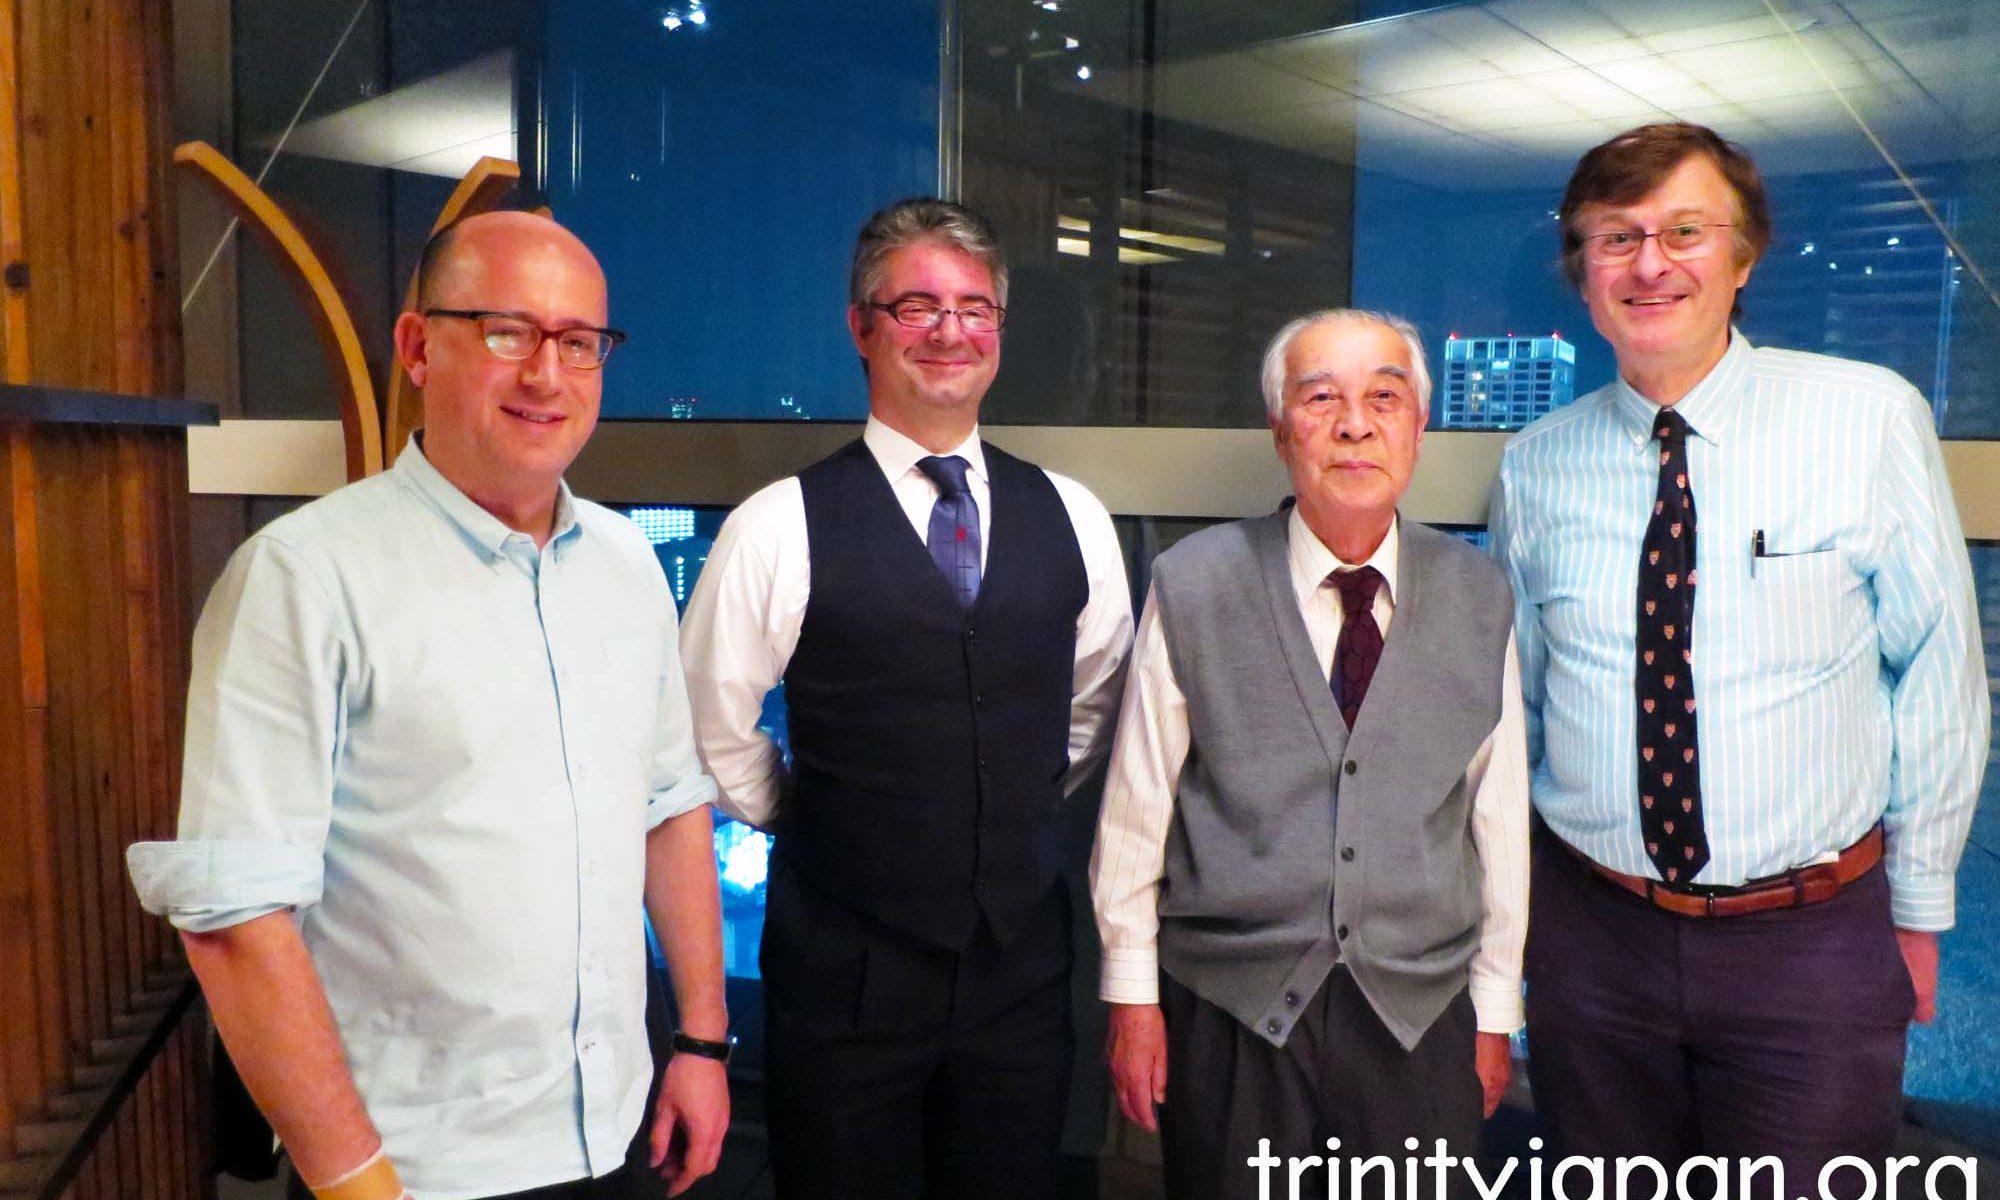 トリニティ・イン・ジャパン・ソサエティの第四回ミーティングは金曜日2015年10月30日